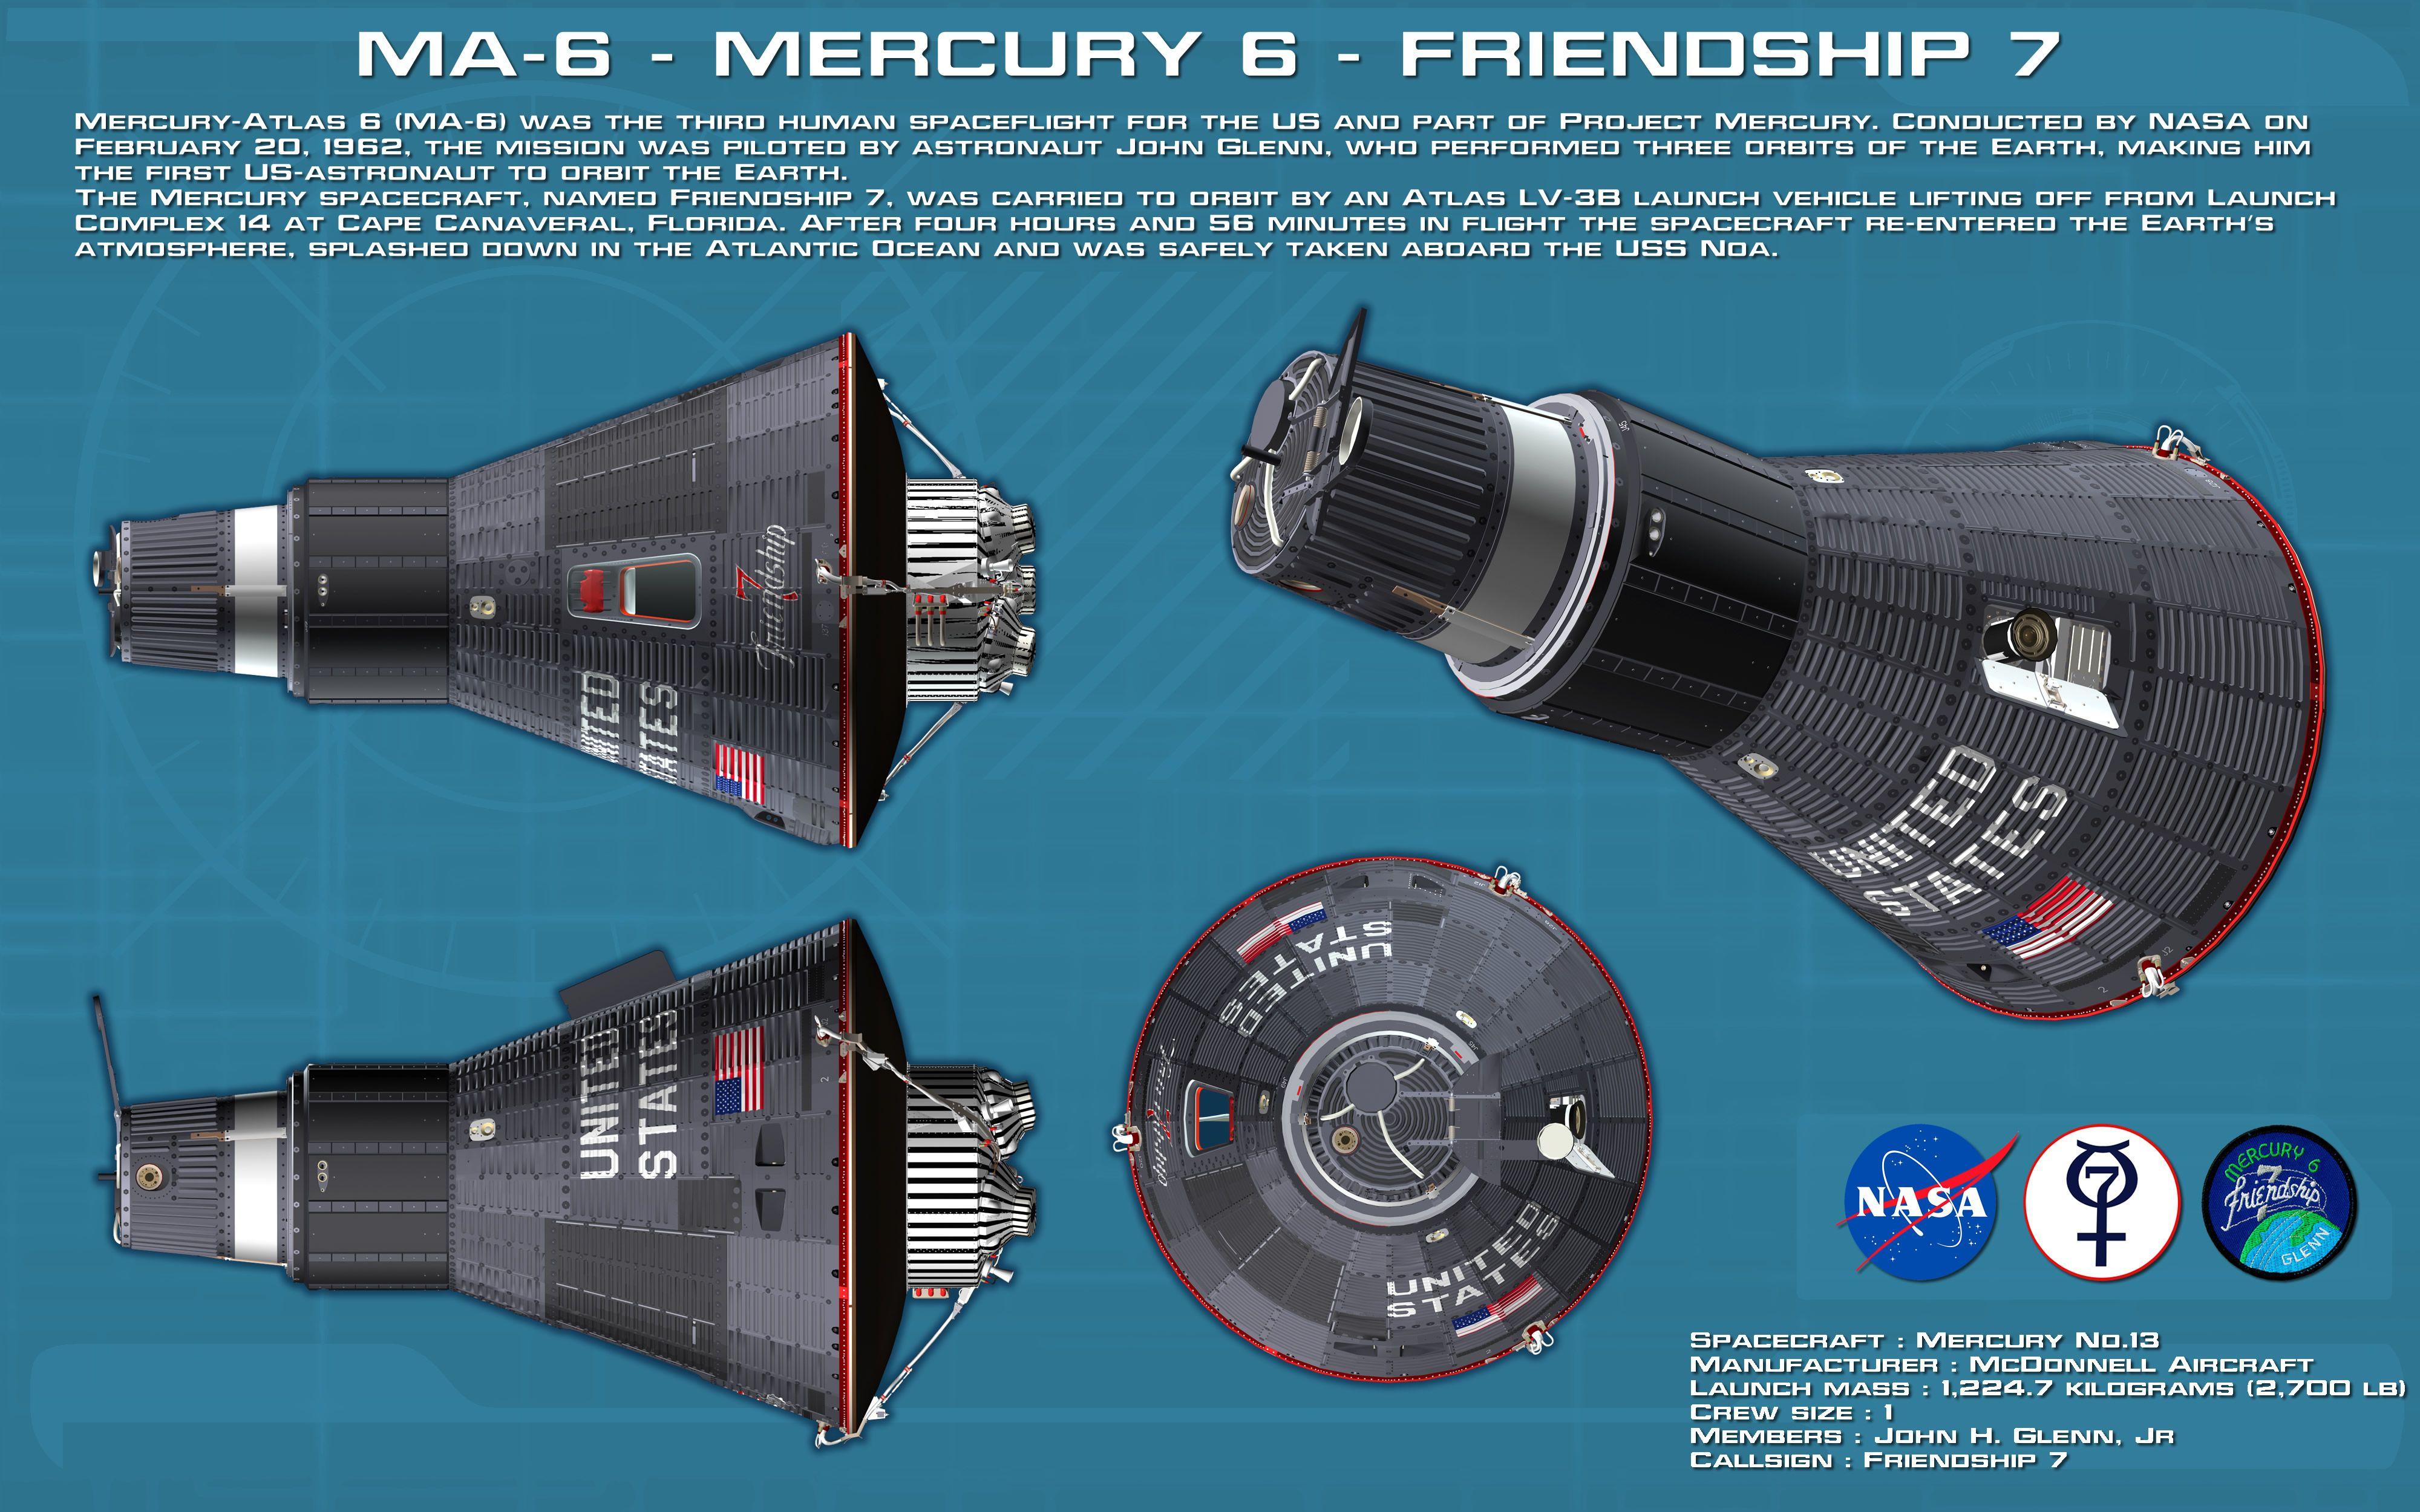 Mercury-Atlas MA-6 (Friendship 7) - CCAFS - 20.2.1962 5df4baa75899b97be2592a35056752e1